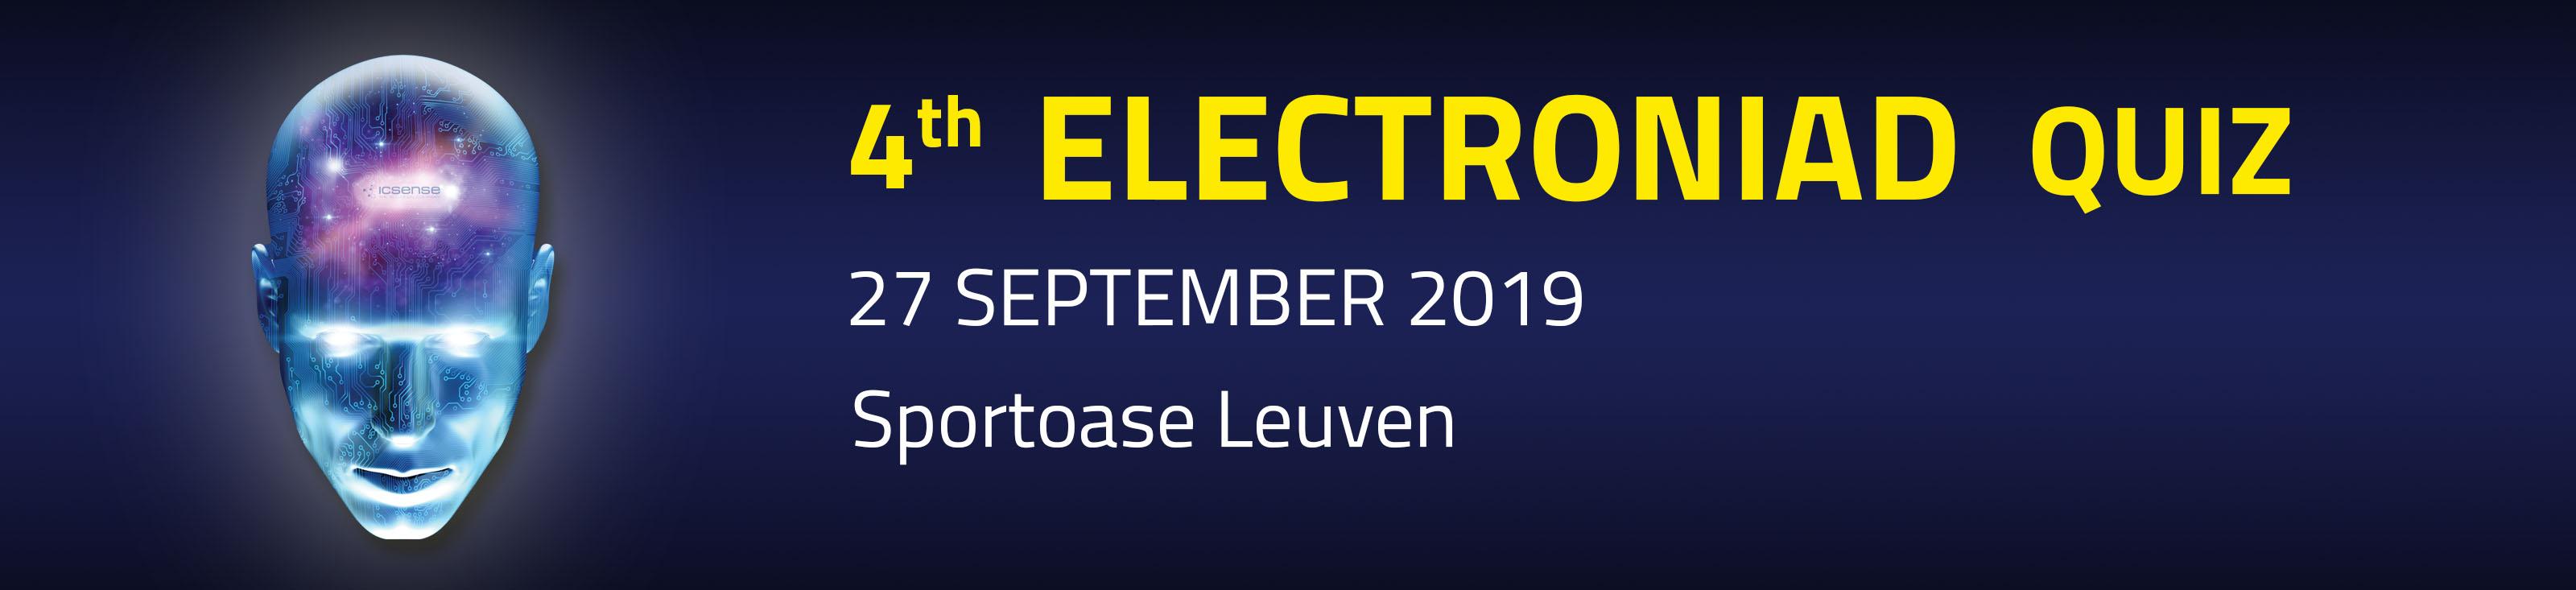 Electroniad 2019